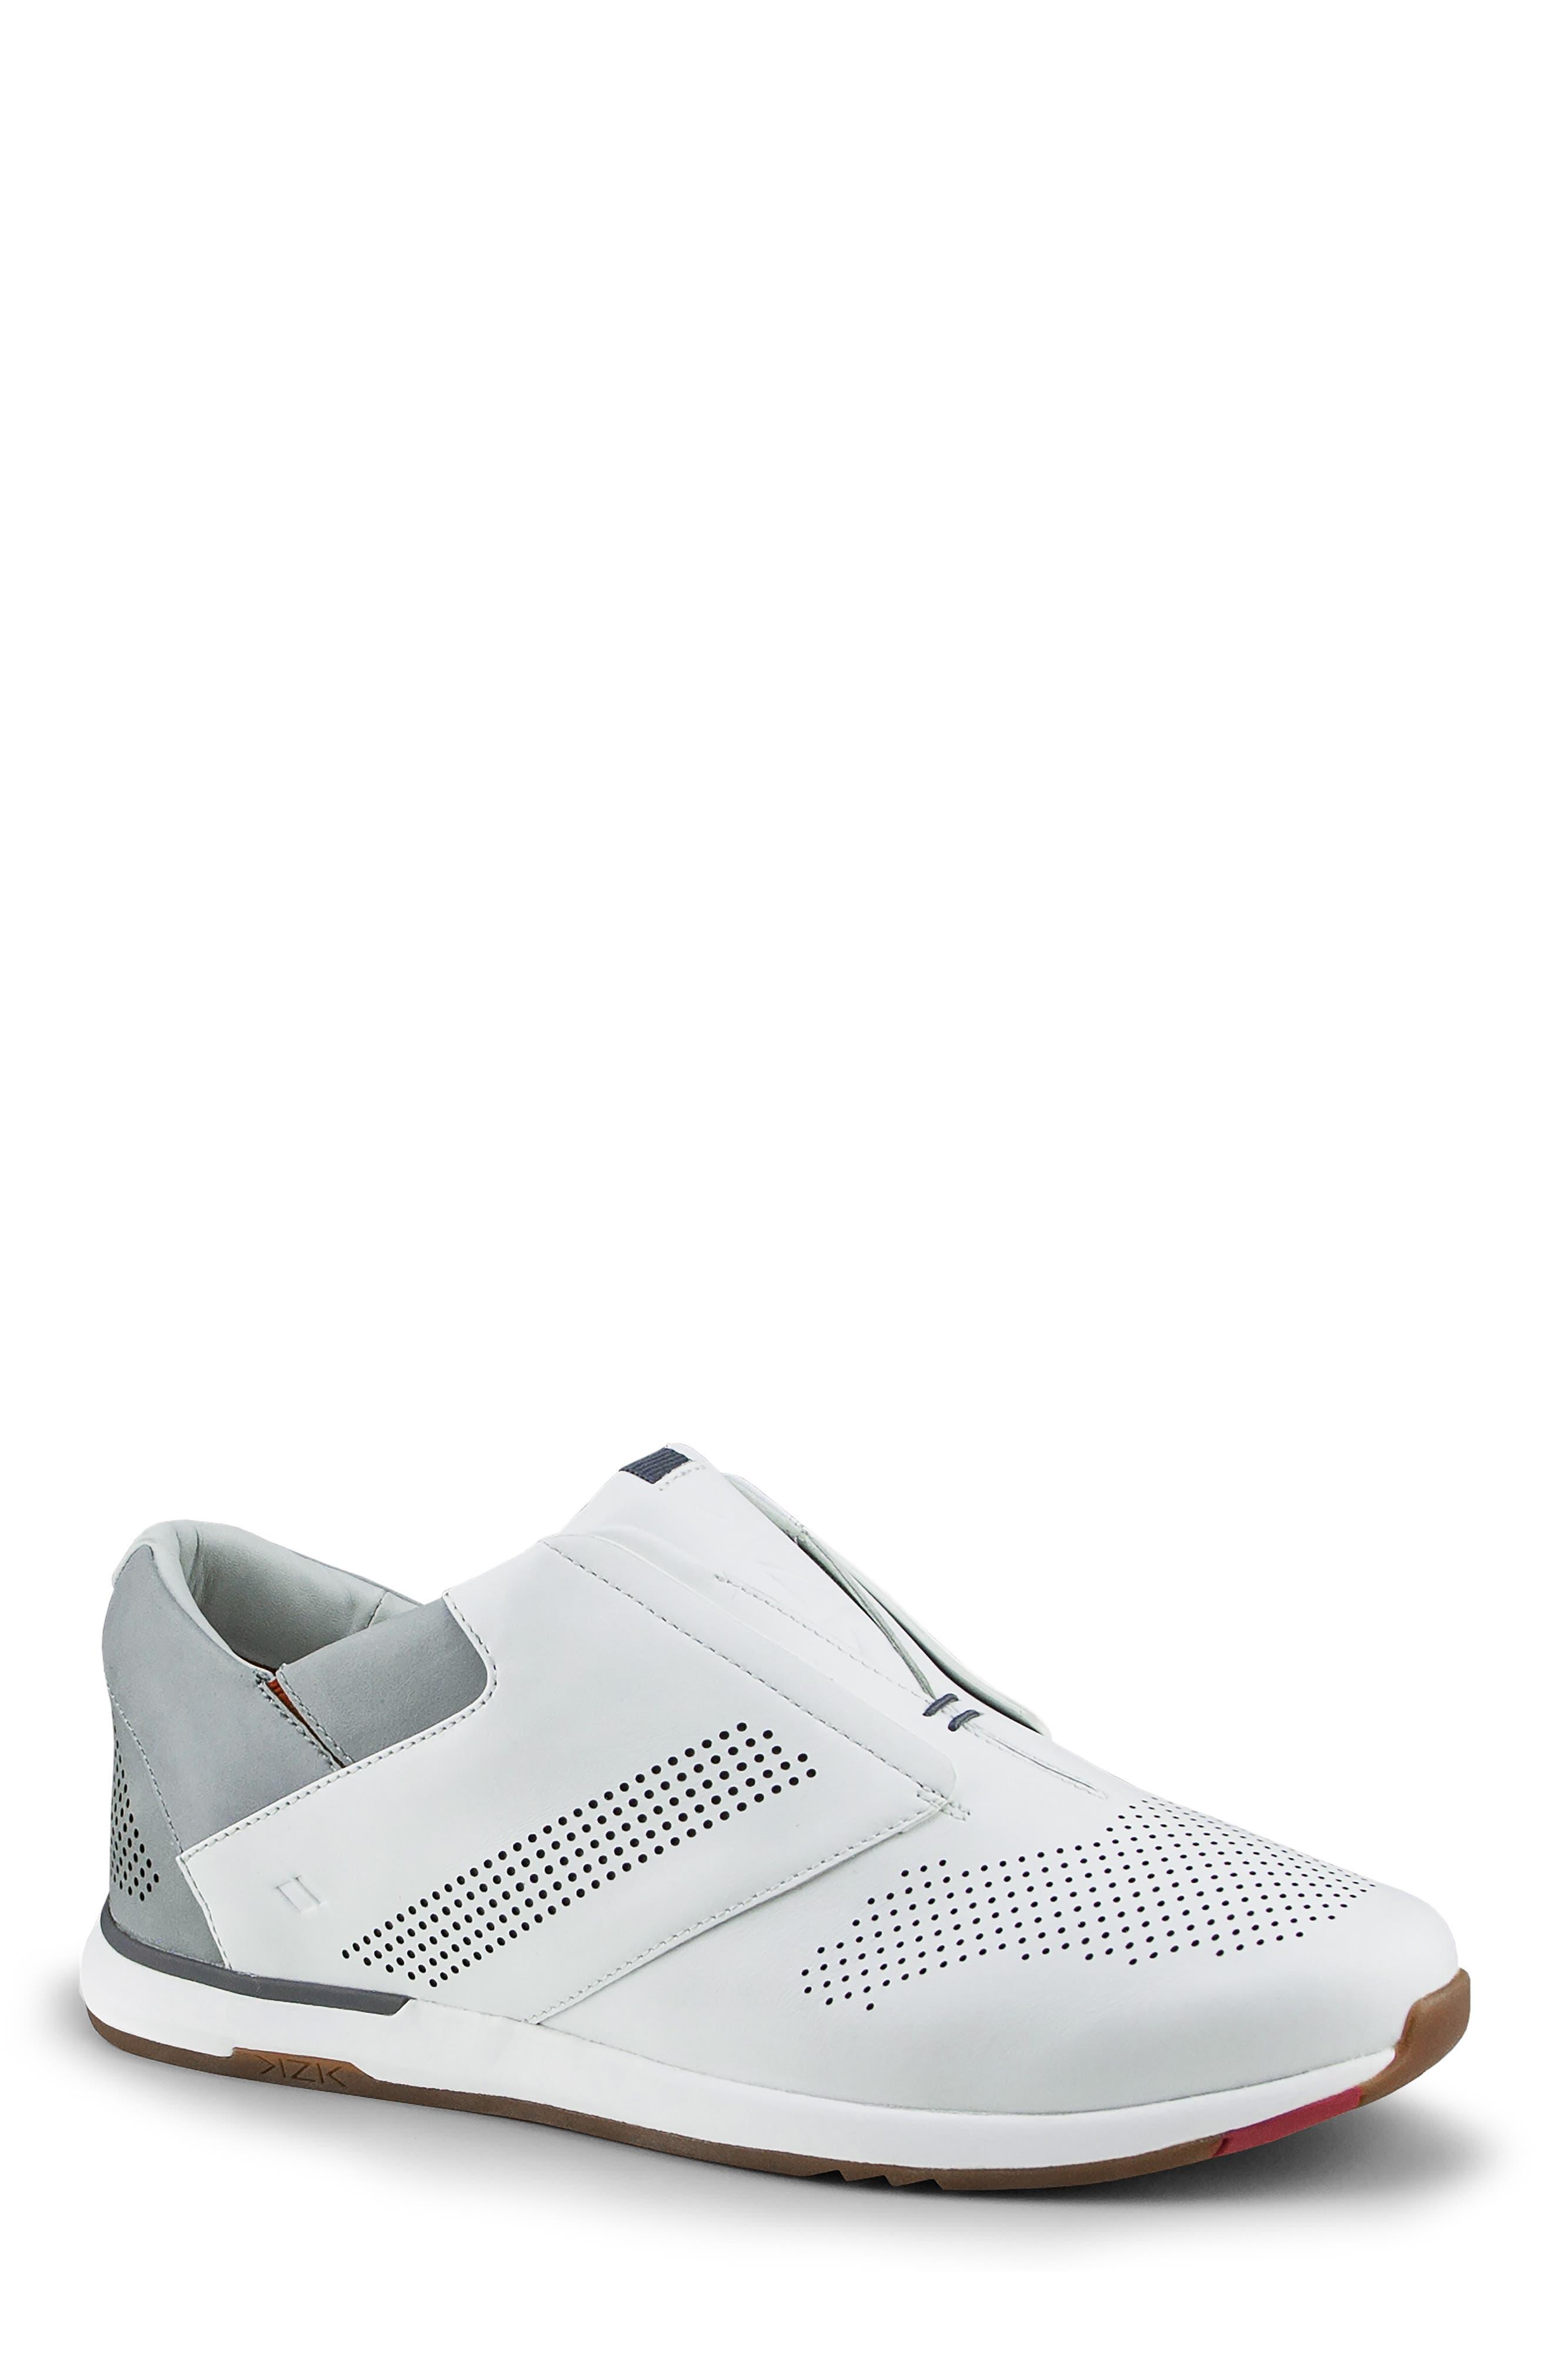 Kizik Dubai Slip-On Sneaker- White